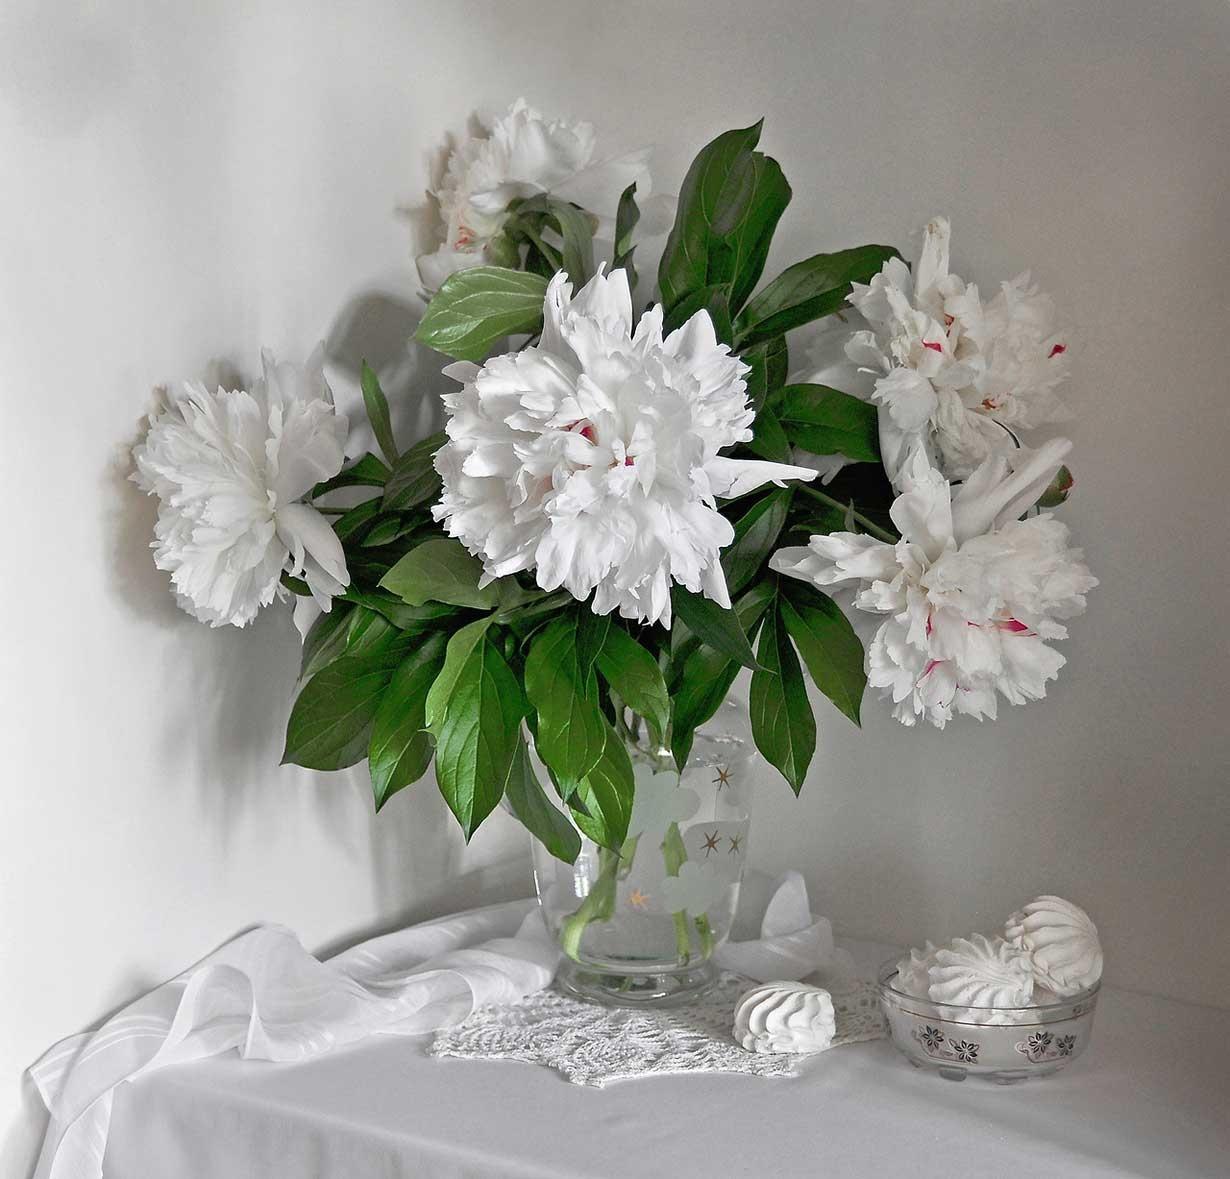 تصاویری از گل و گلدان های فوق العاده زیبا؛ ایده ای برای خانه شما در بهار